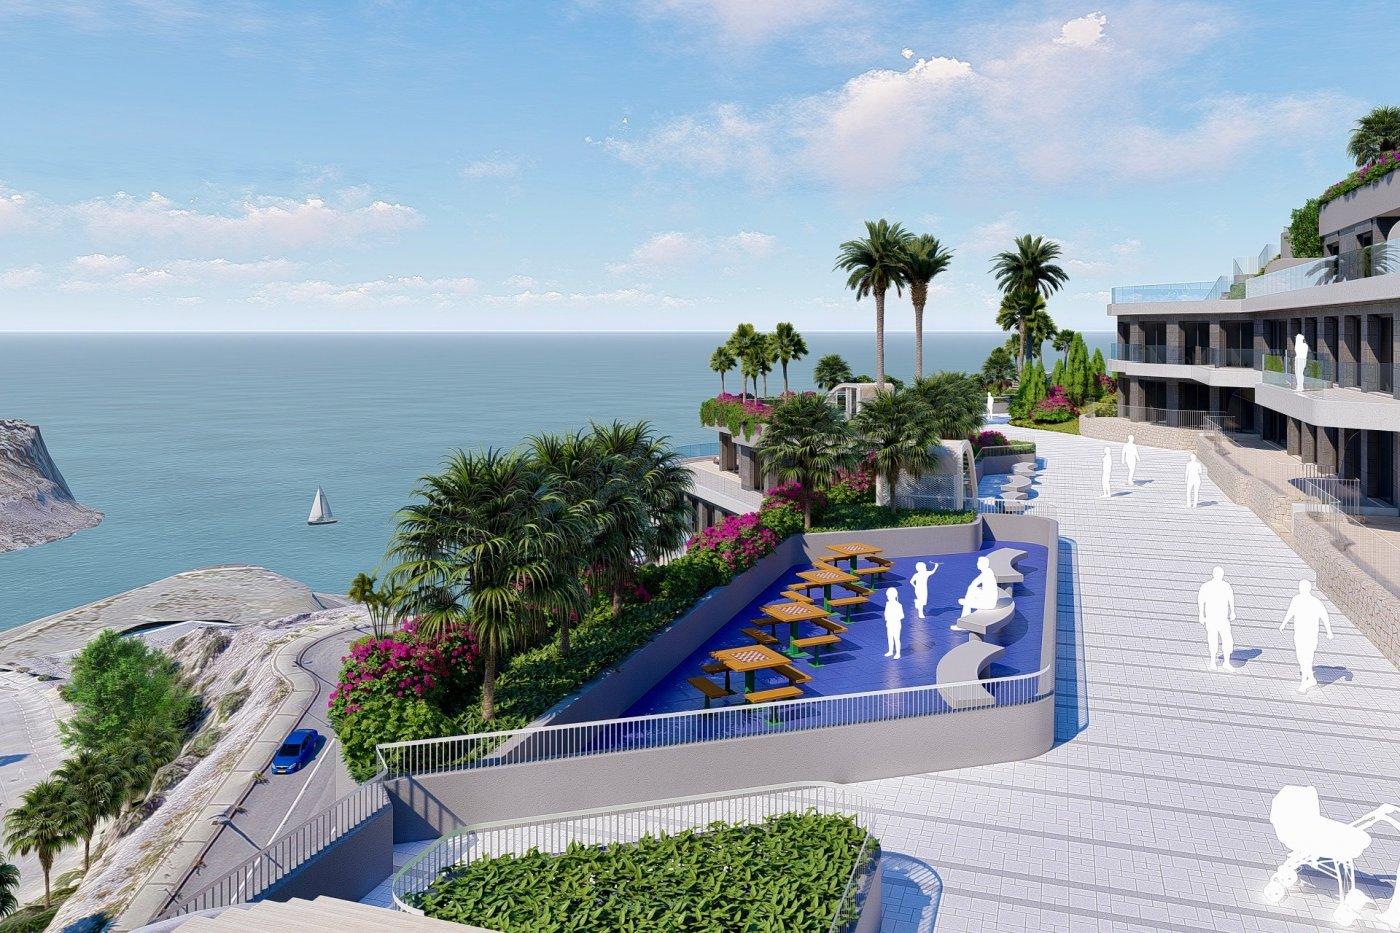 Galleribillede 18 of Uovertruffen panorama udsigt - 3 værelses luksus lejlighed med 2 badeværelser